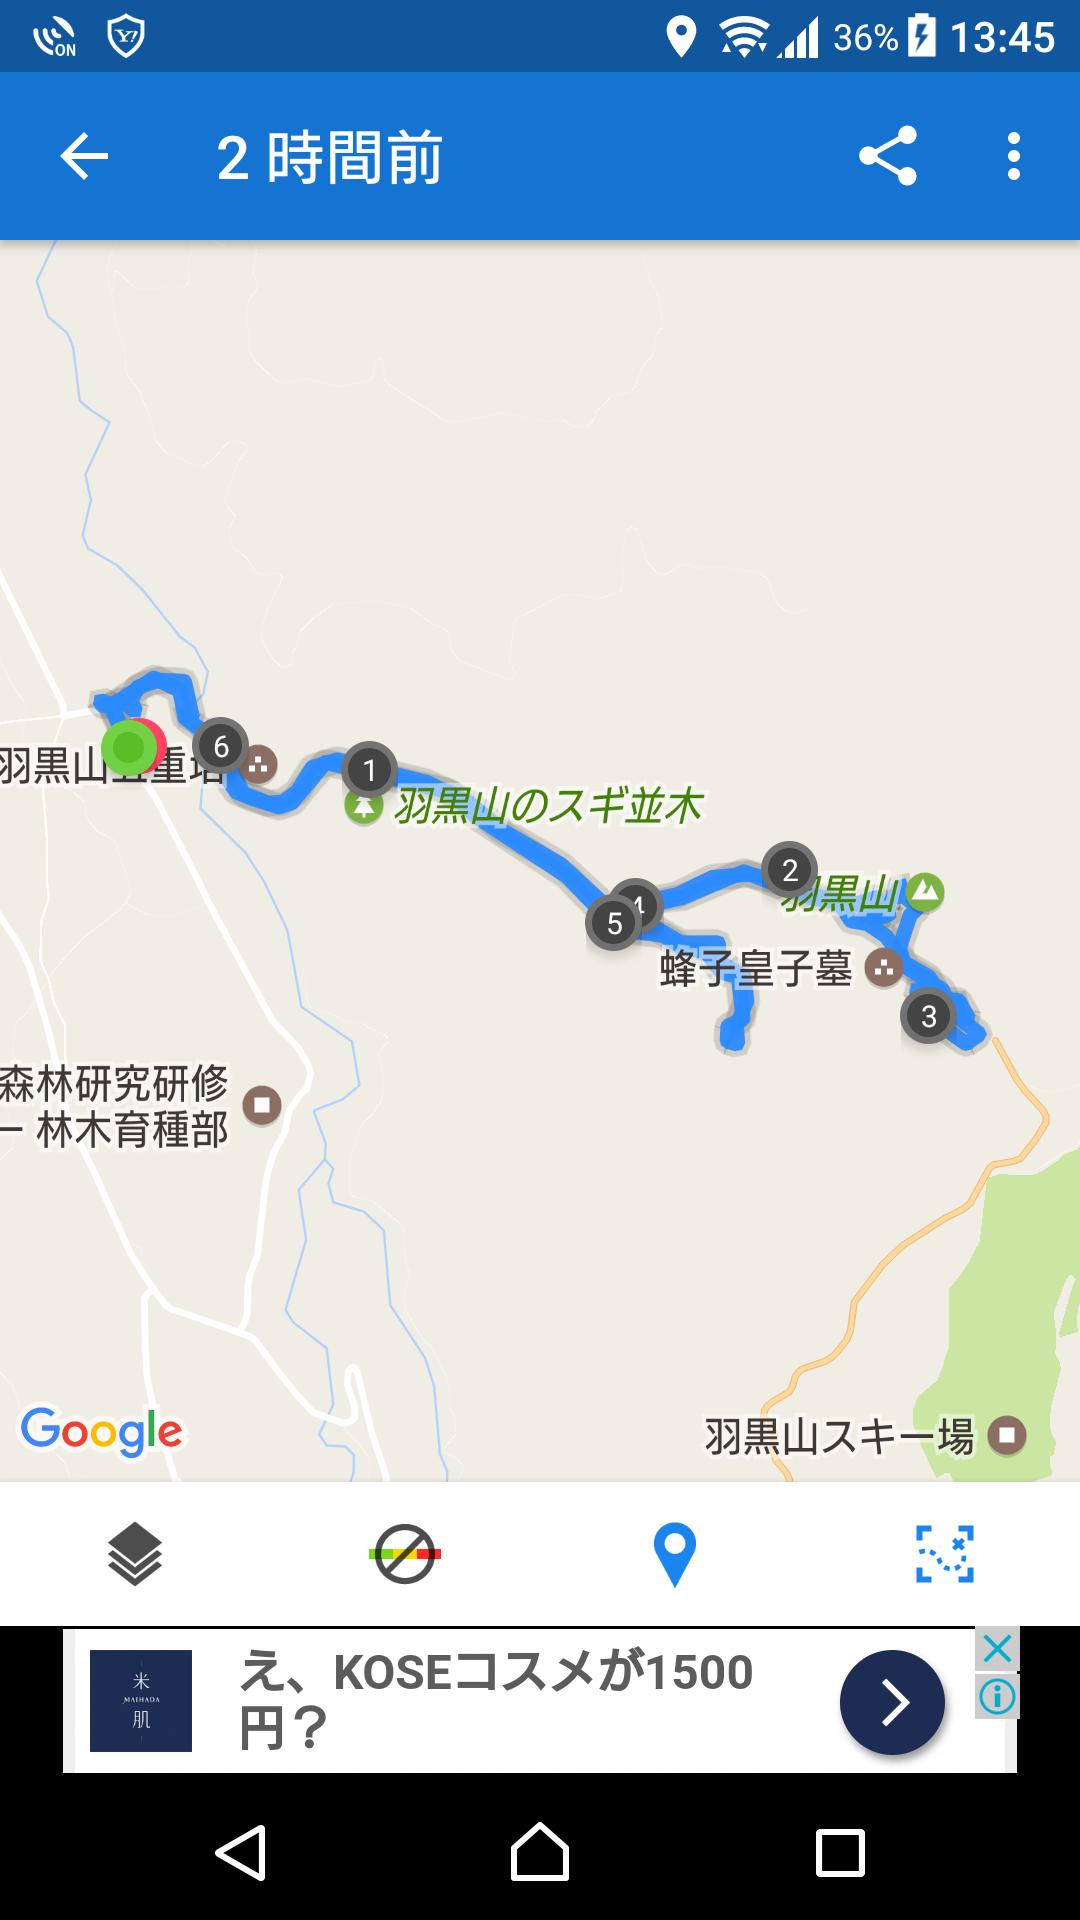 f:id:ynakayama27:20170611143720p:plain